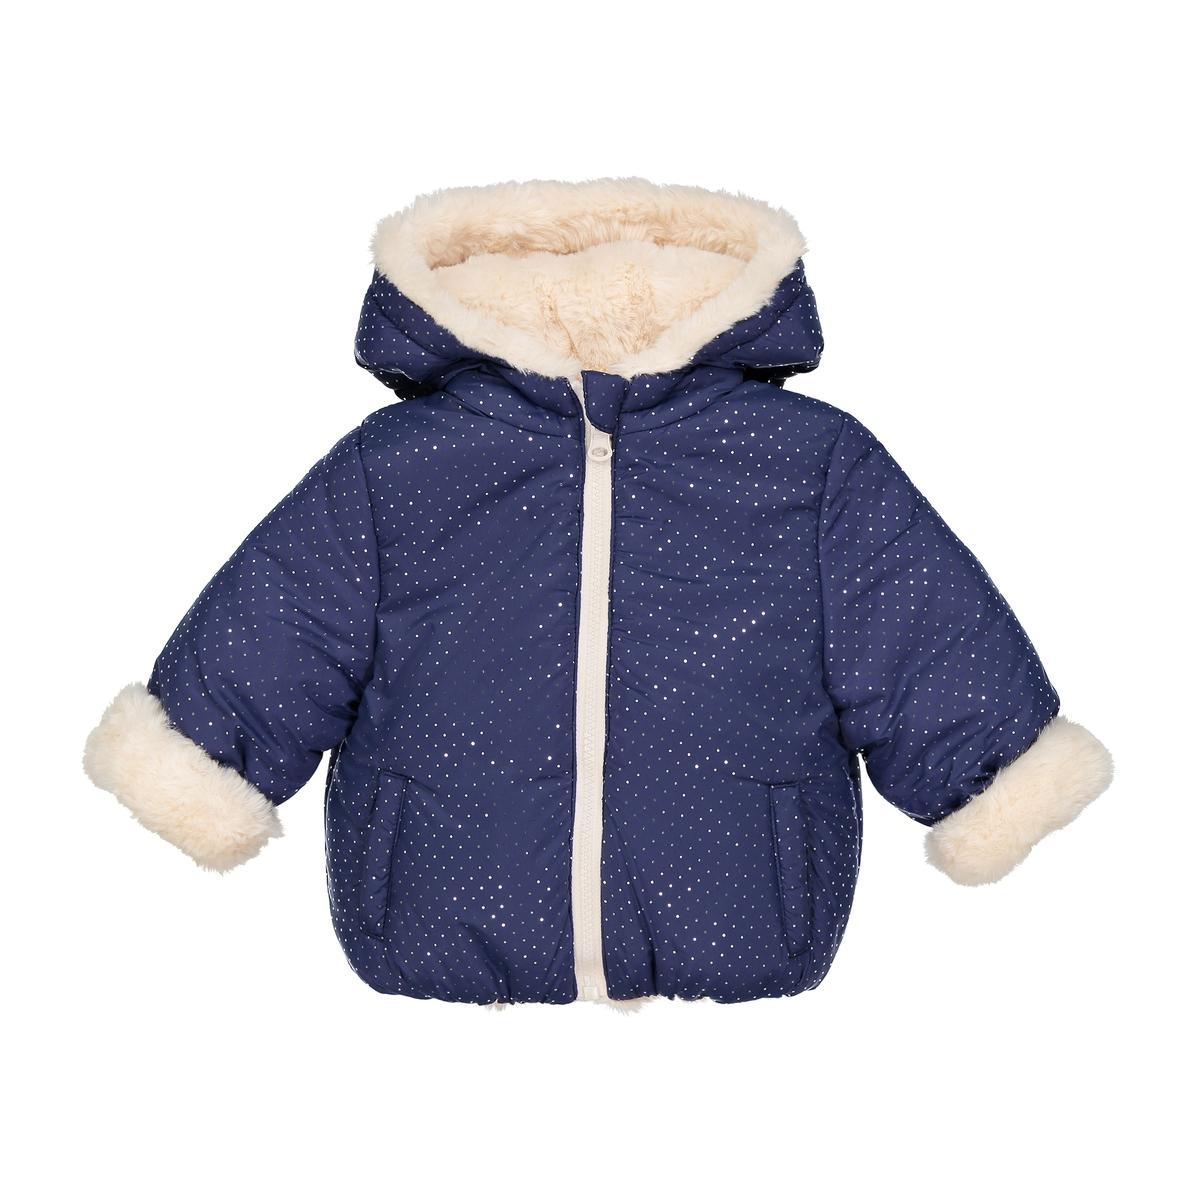 Cappotto double face effetto pelliccia 3 mesi-3 anni